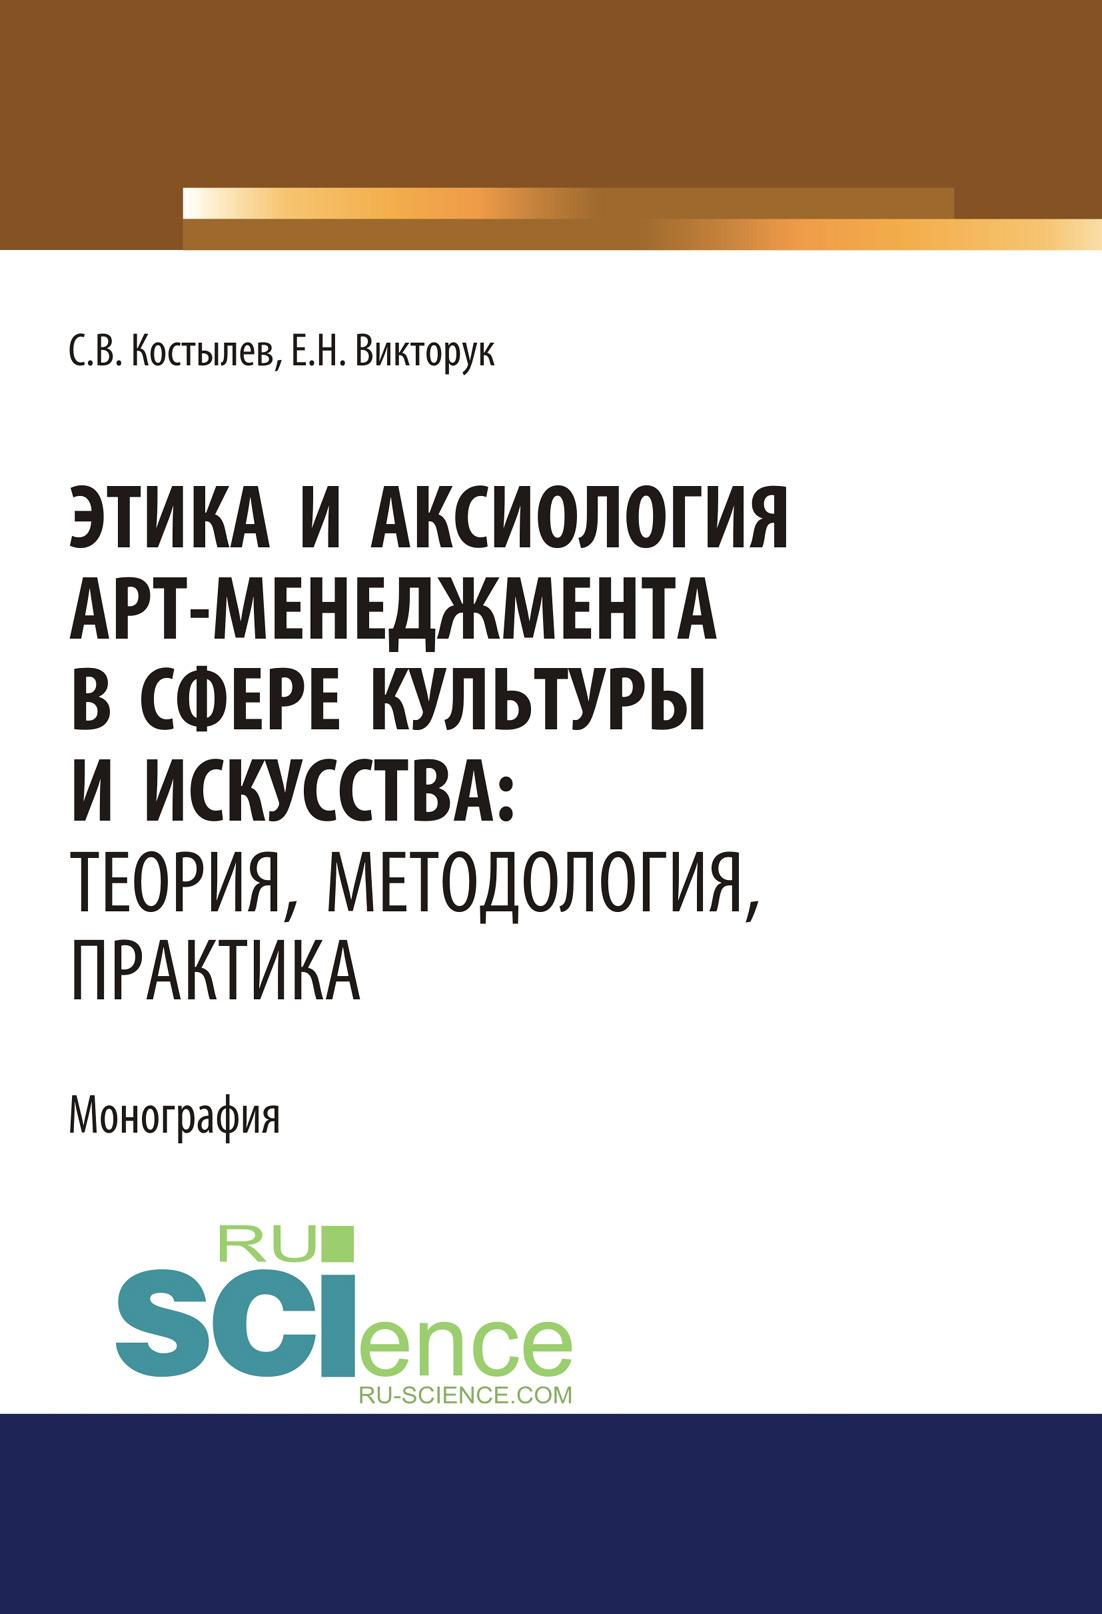 Сергей Костылев Этика и аксиология арт-менеджмента в сфере культуры и искусства: теория, методология, практика